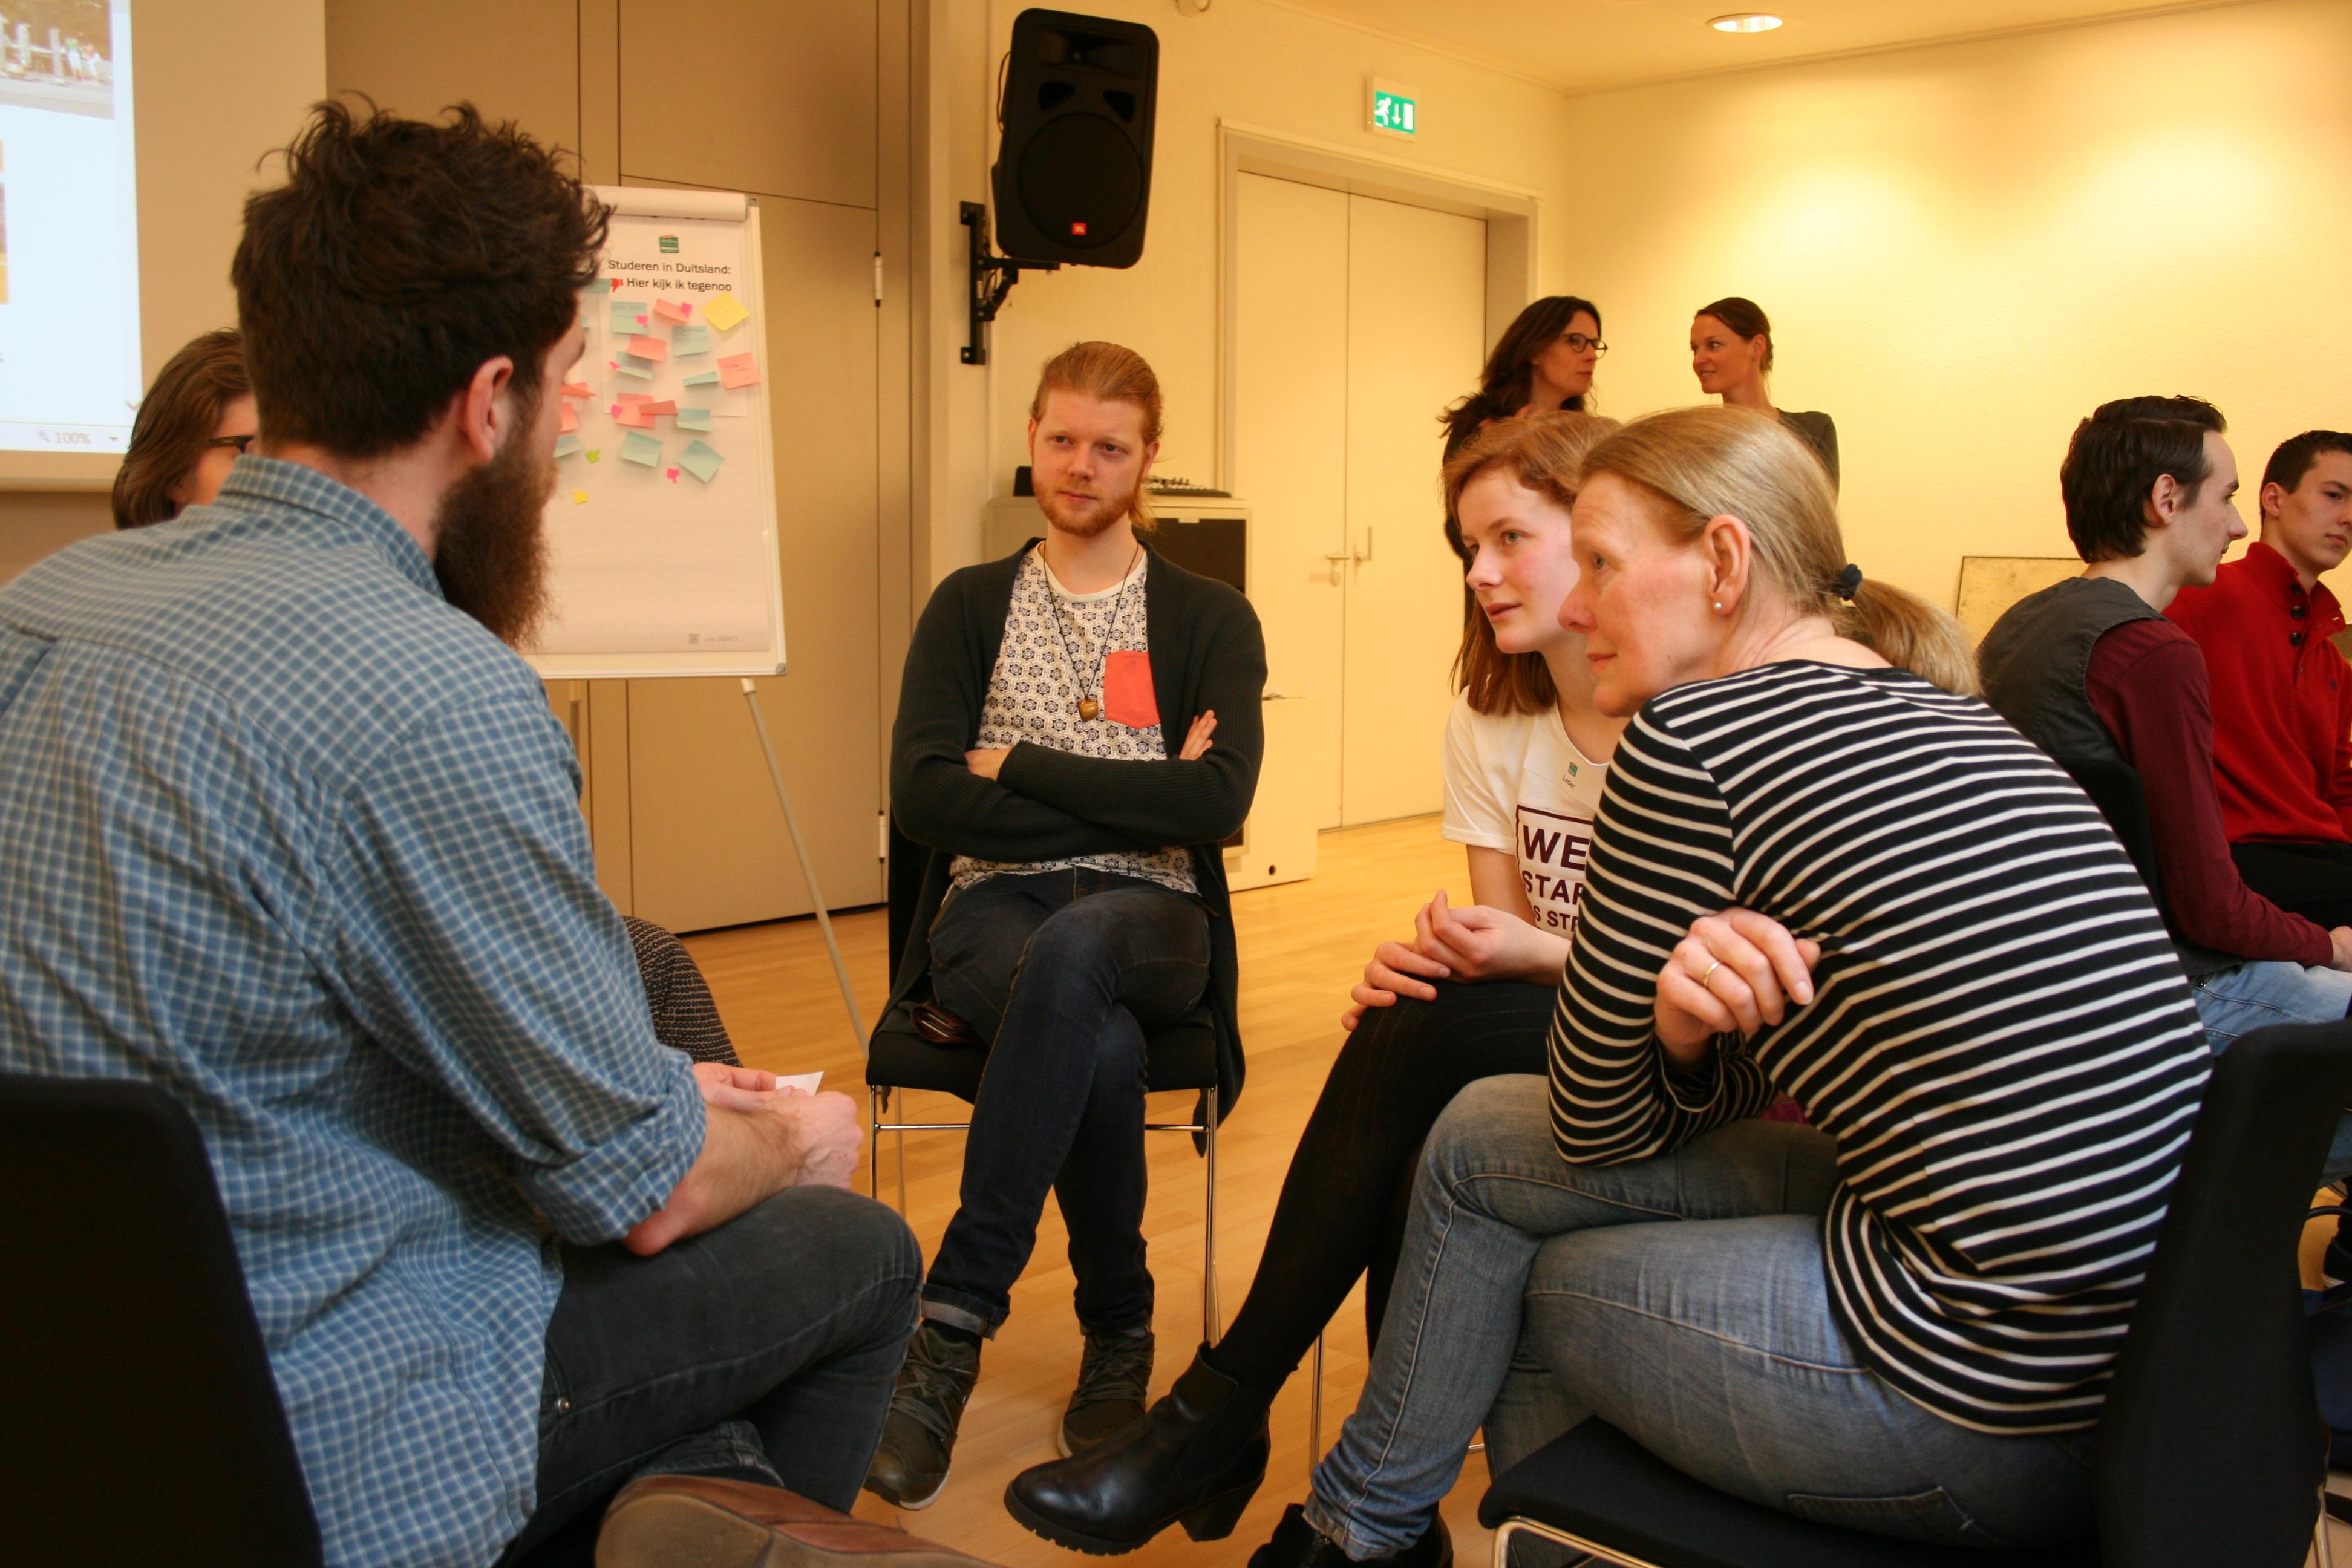 Deelnemers in gesprek met ervaringsdeskundigen tijdens onze workshop